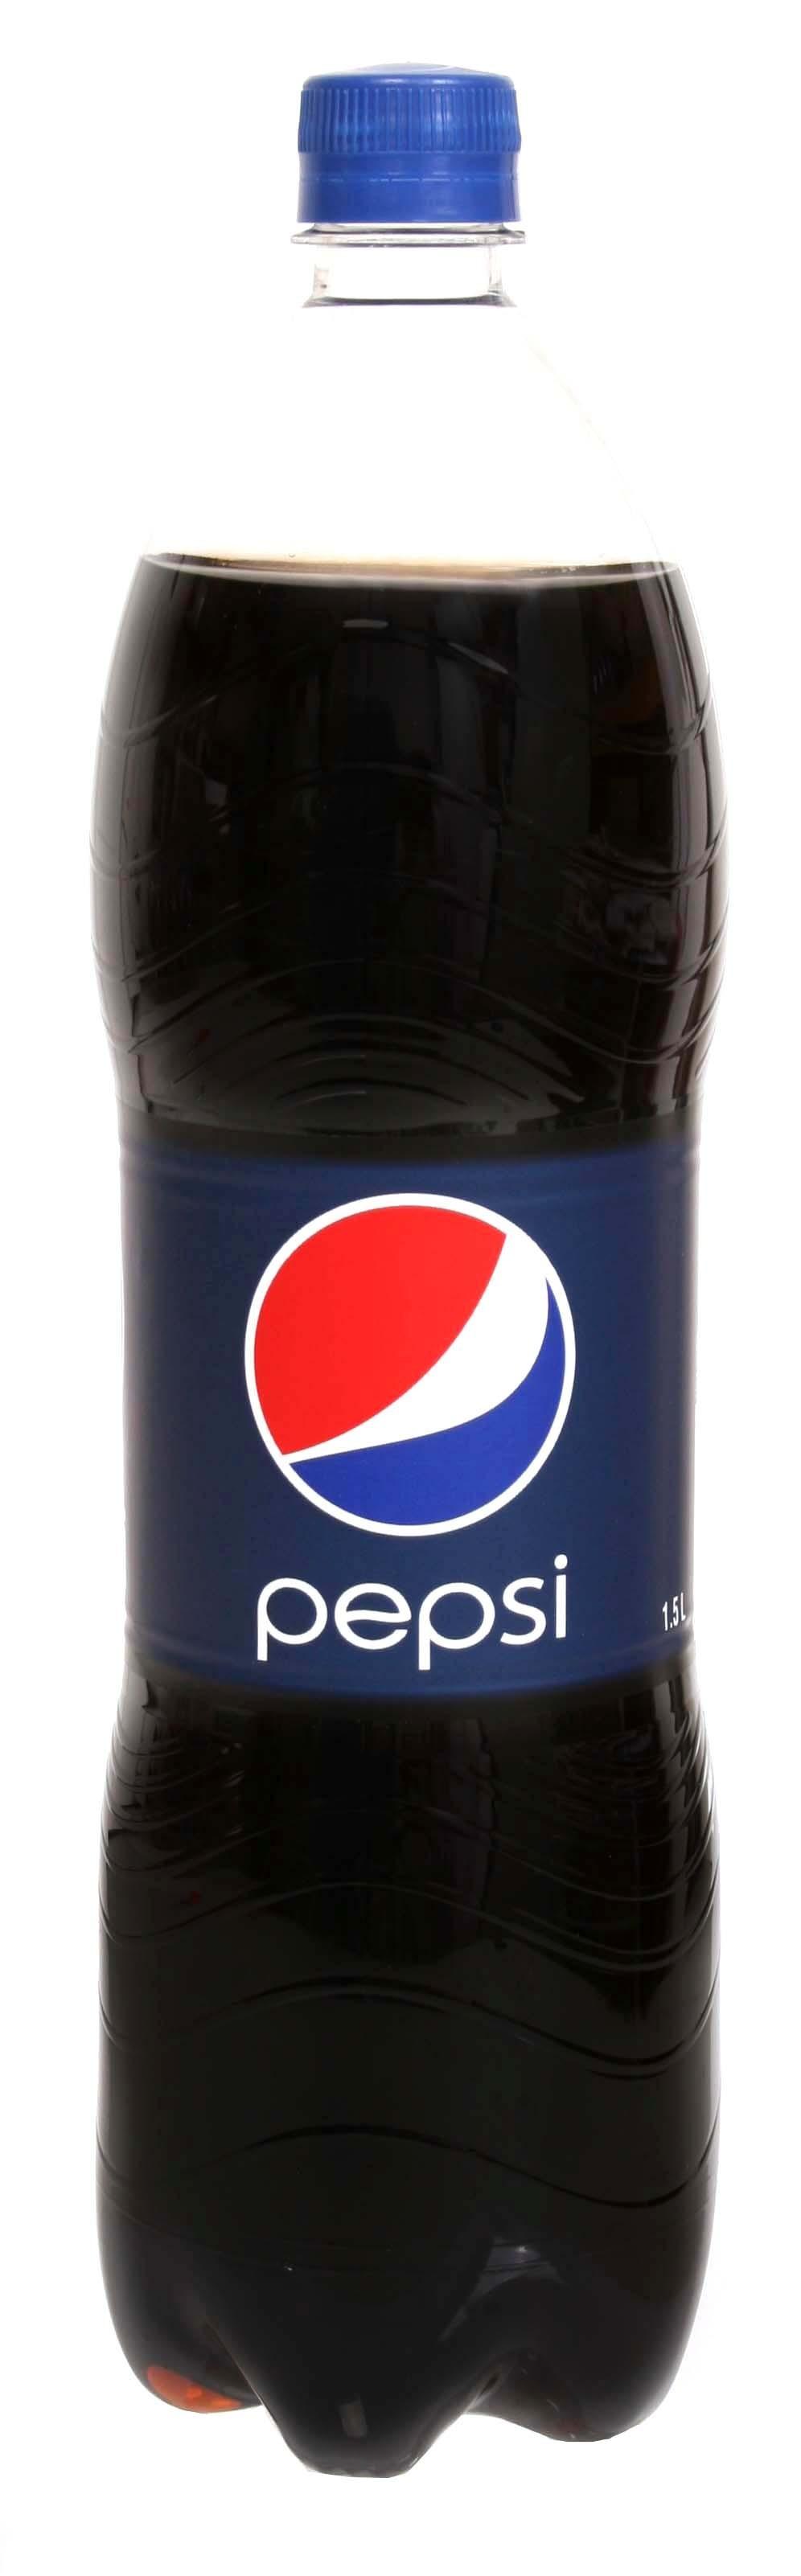 112 pepsi cola 500 ml 1 95 pepsi cola 996x3204